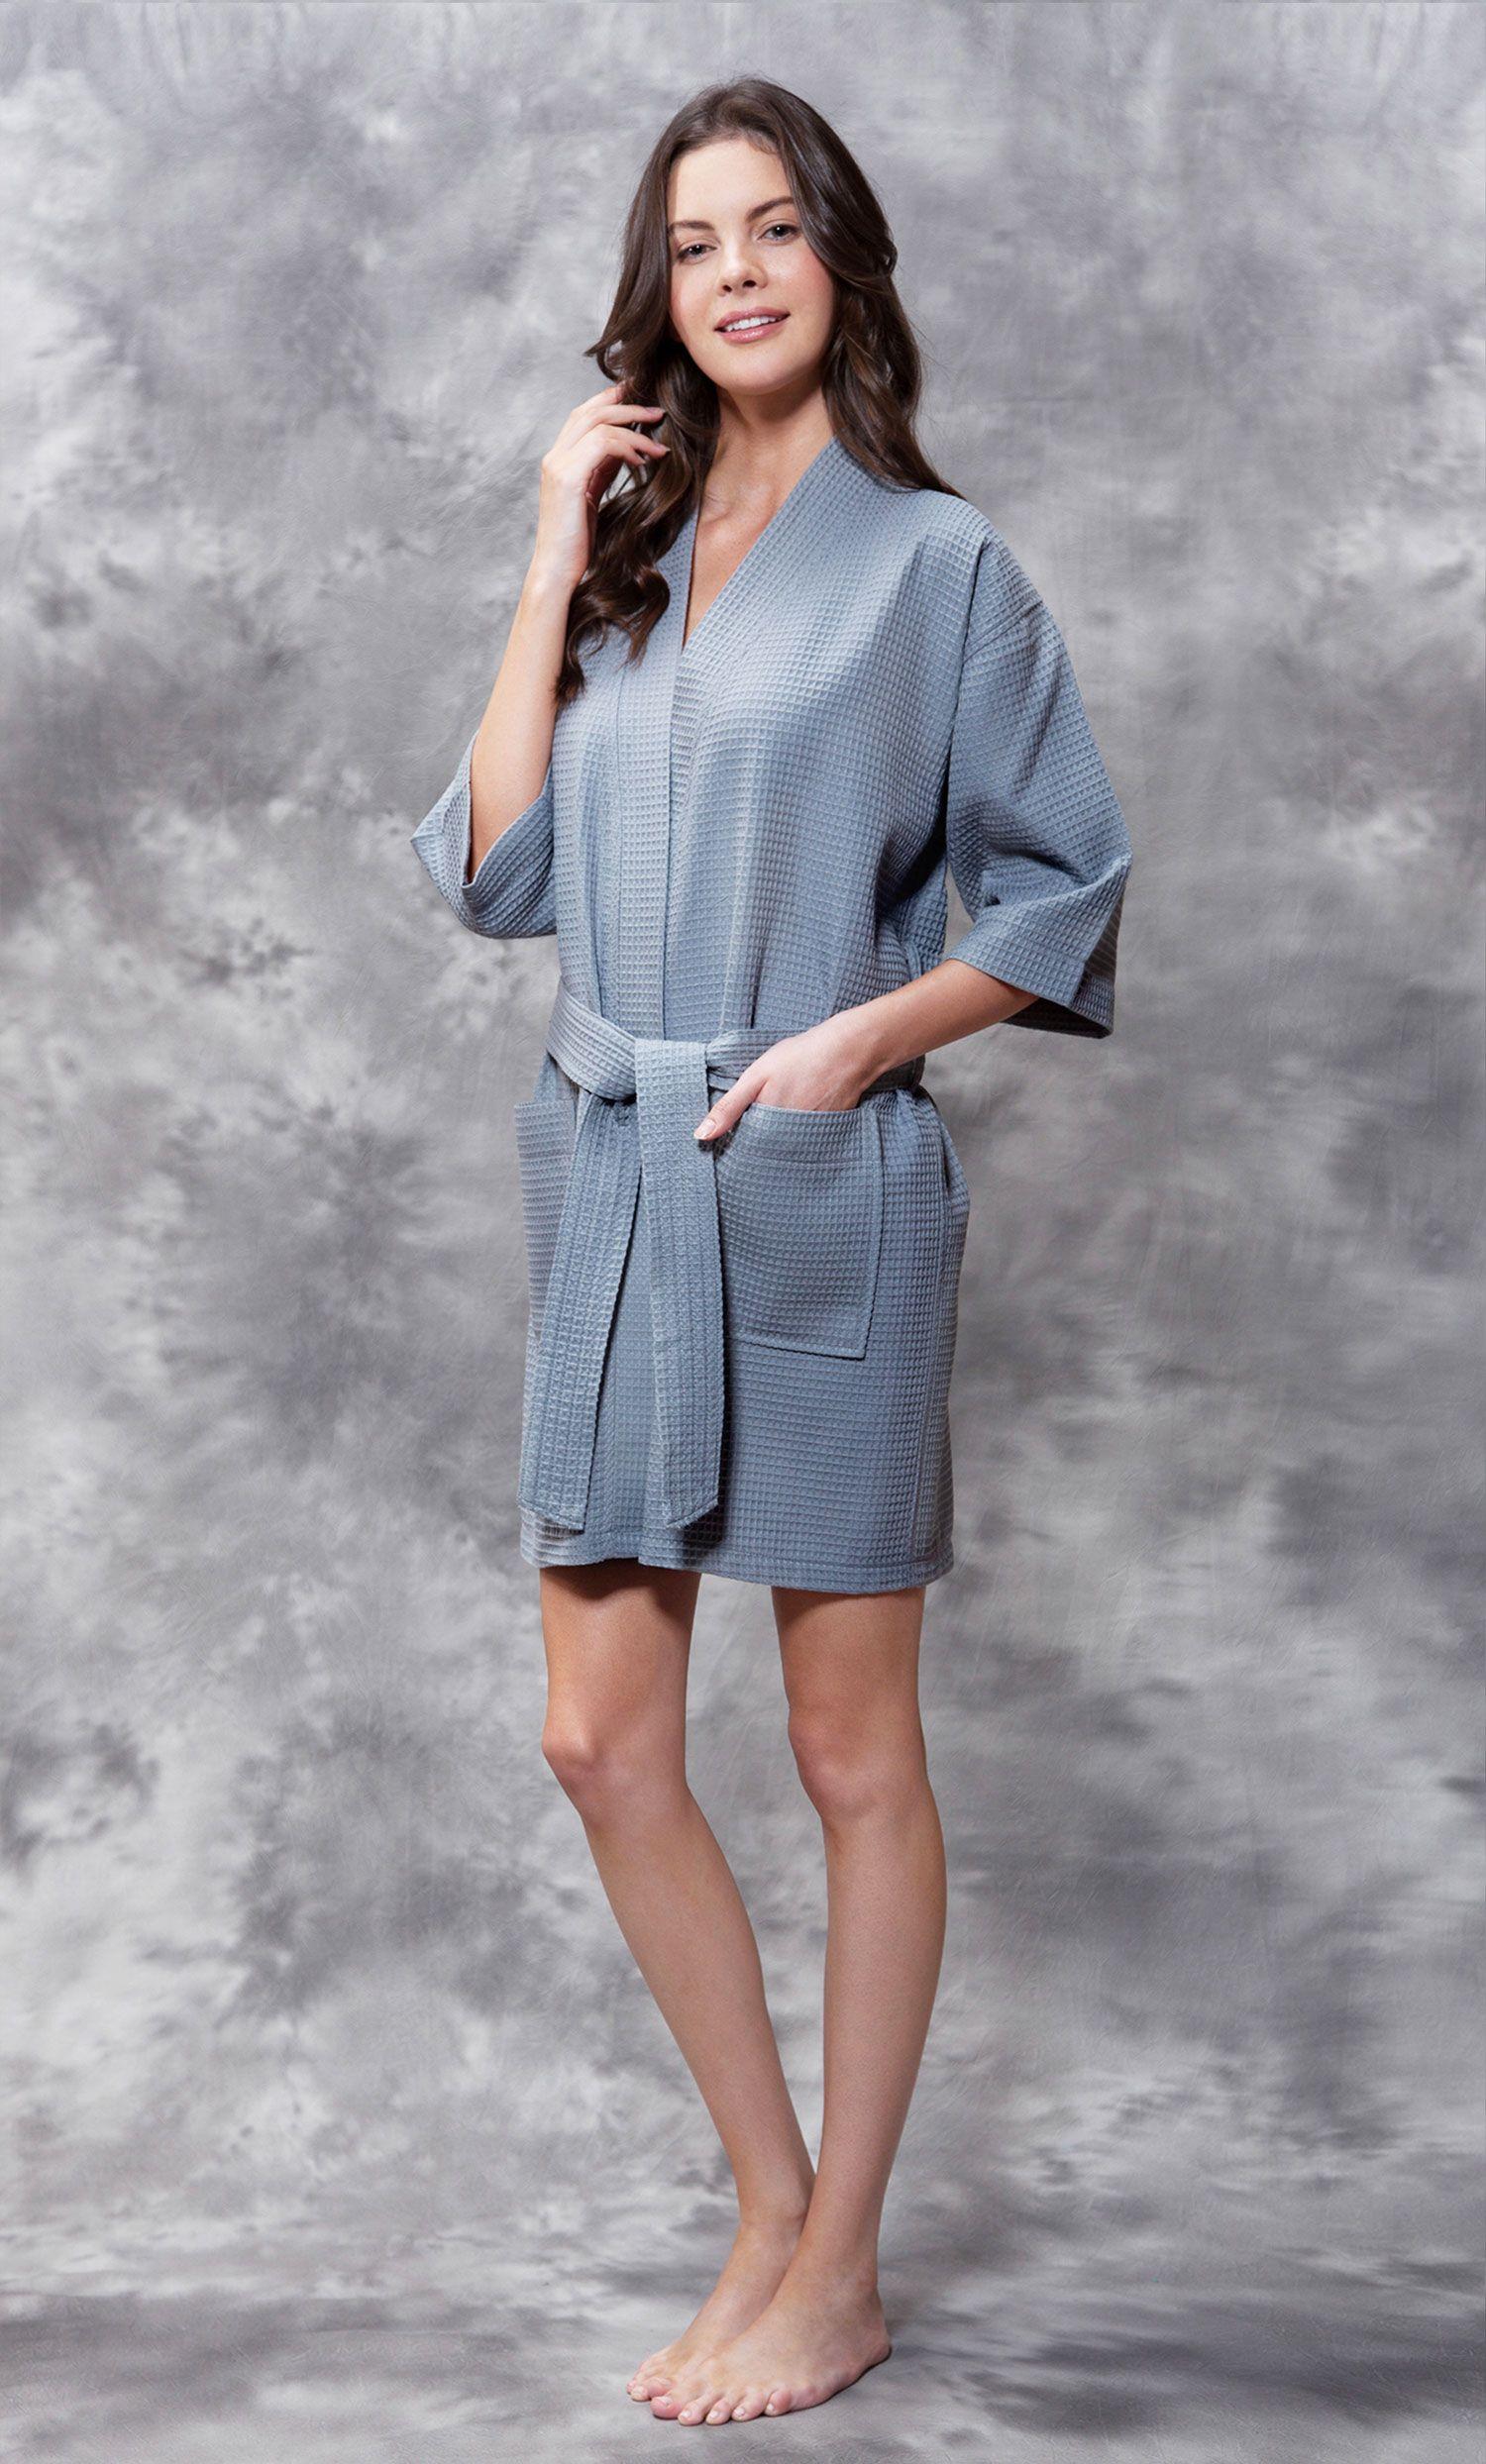 Economy Bathrobes :: Thigh Length Waffle :: Waffle Kimono Gray Short Robe Square Pattern - Wholesale bathrobes, Spa robes, Kids robes, Cotton robes, Spa Slippers, Wholesale Towels